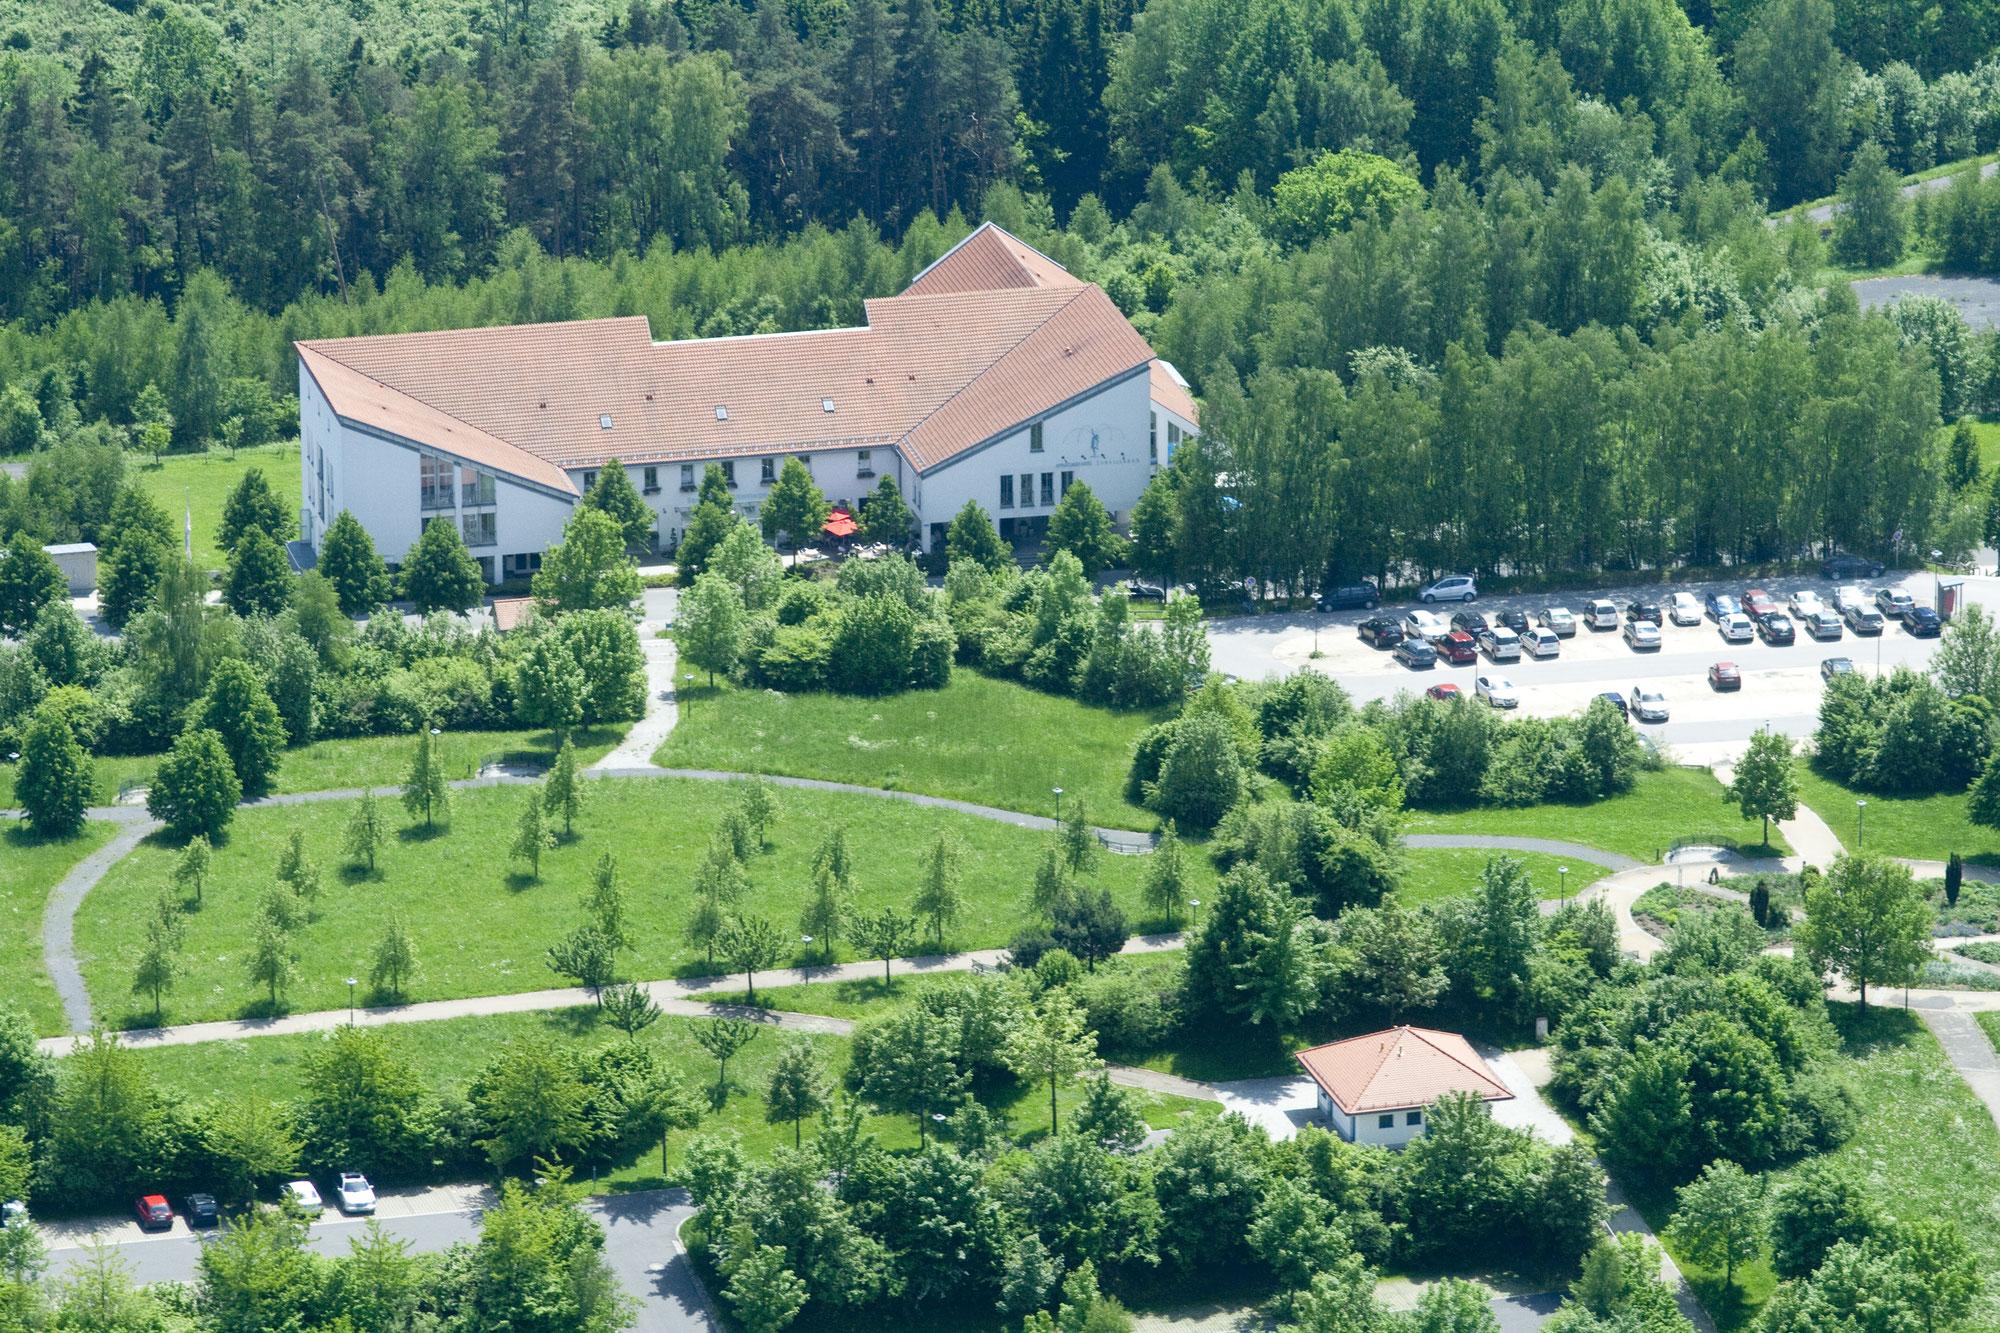 preise angebote hotel sibyllenbad in der oberpfalz wellnesshotel in neualbenreuth. Black Bedroom Furniture Sets. Home Design Ideas